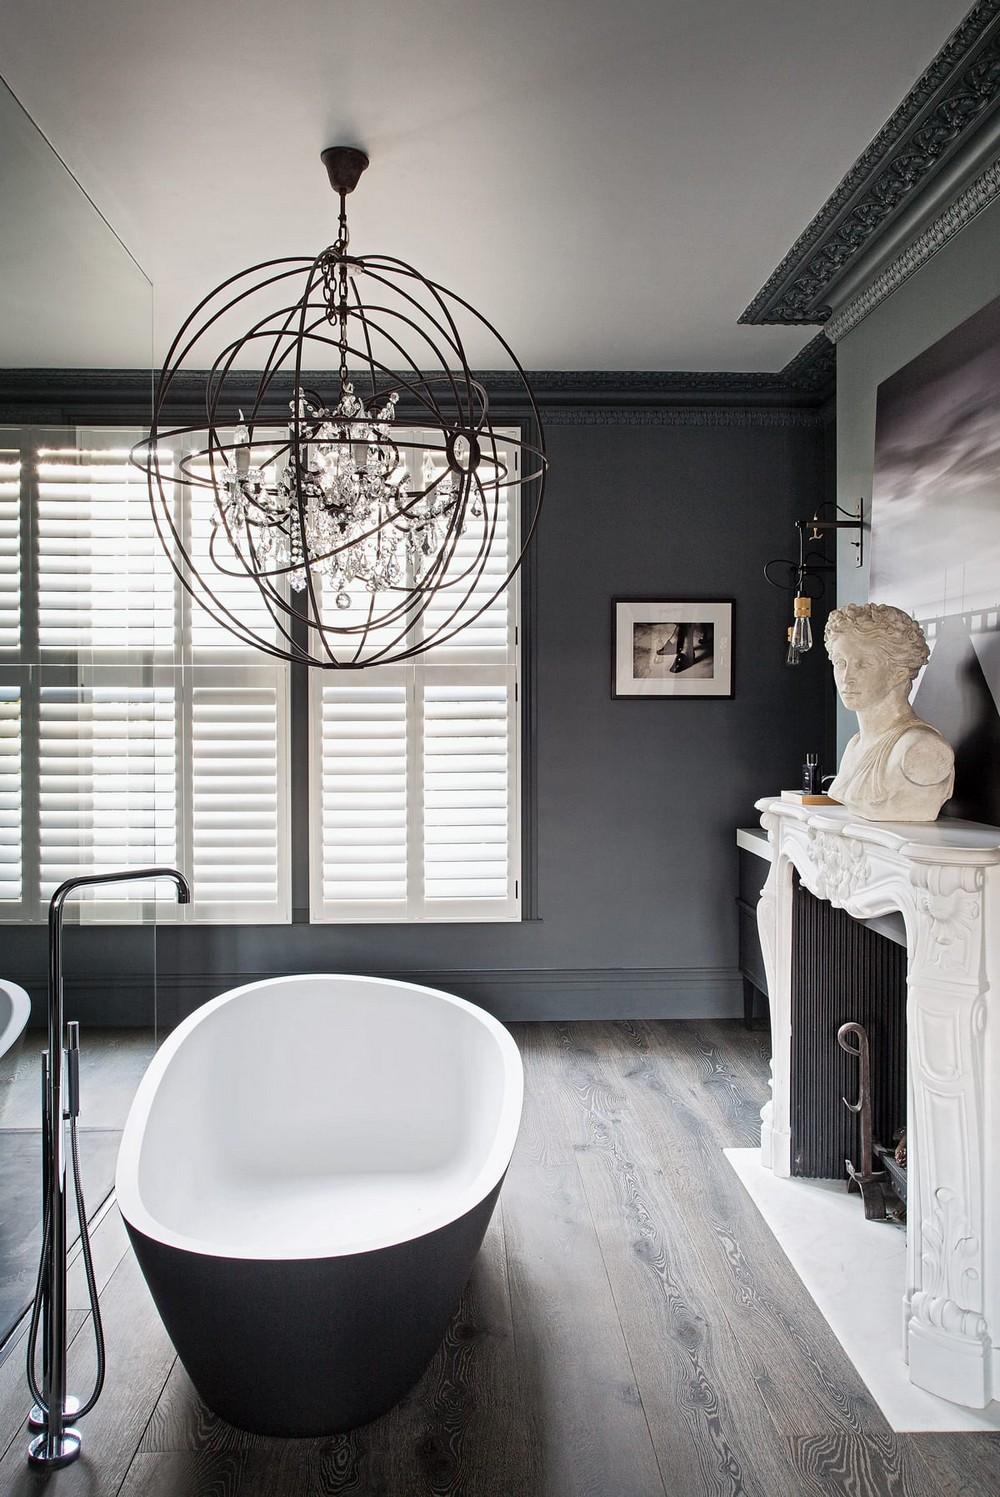 5 Bathroom Decor Ideas to Dramatically Upgrade Your Home Interiors 5